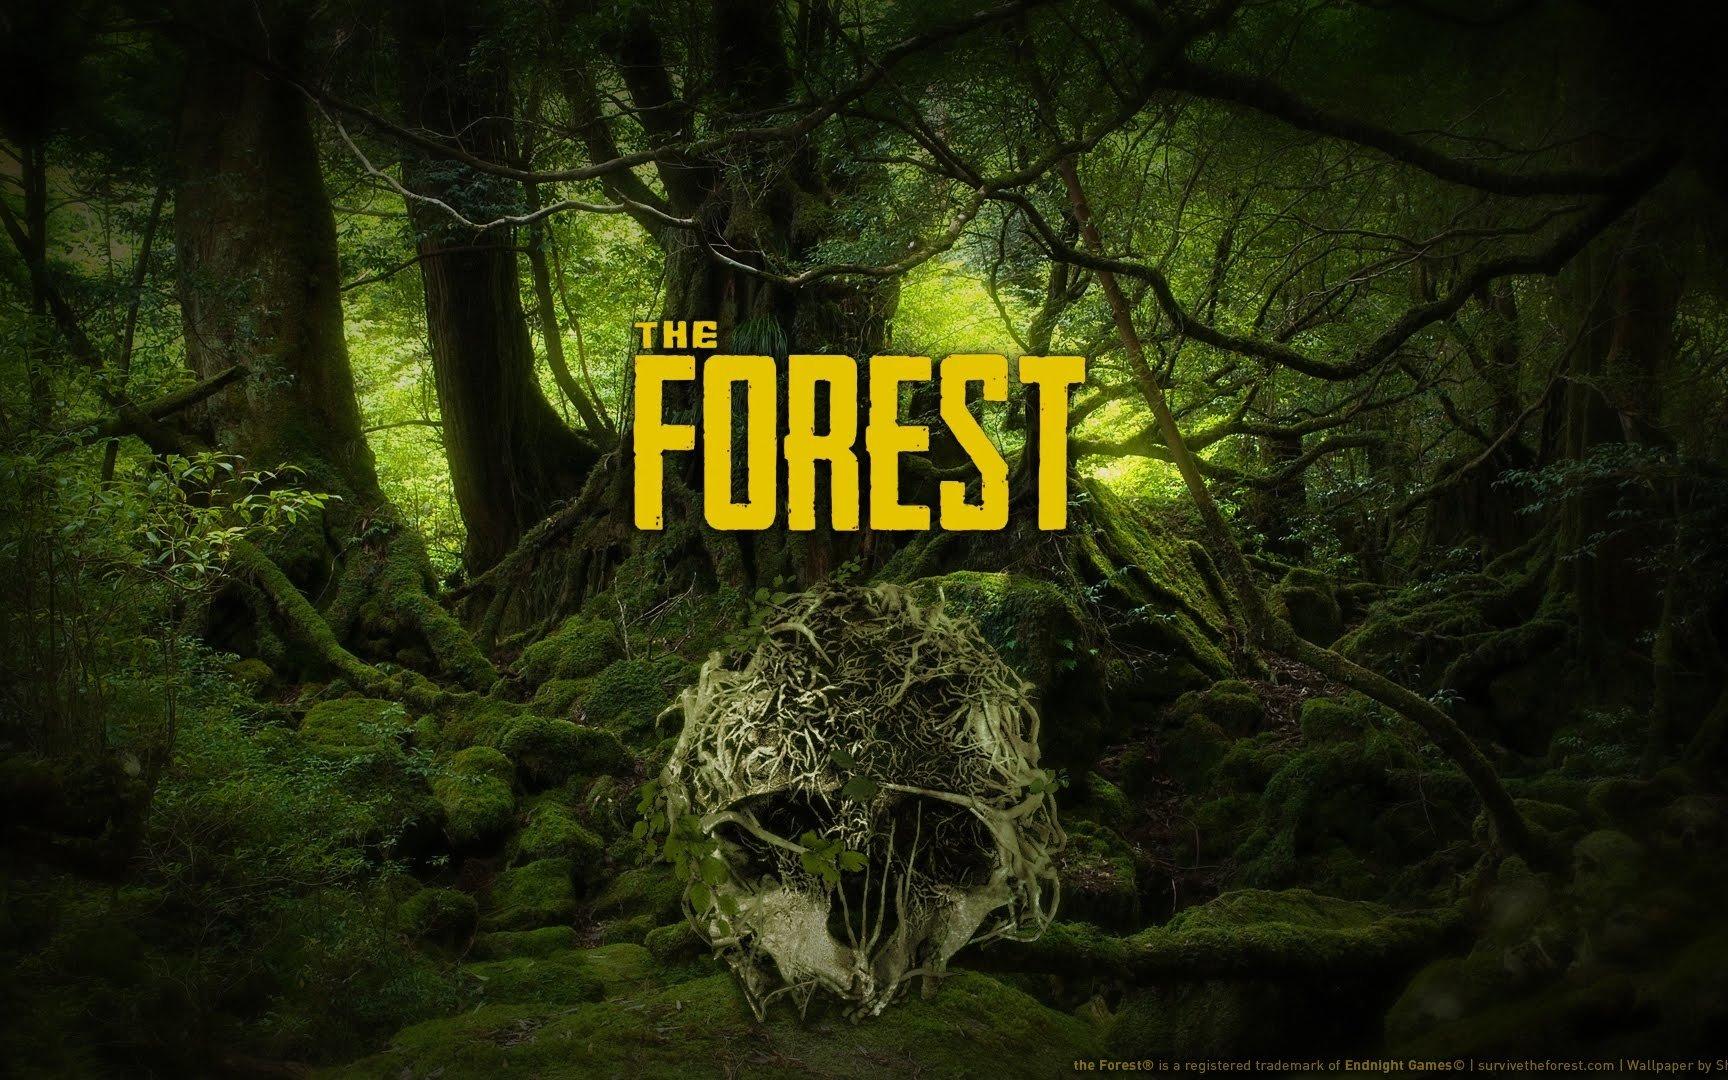 森林:1san值狂掉啊这游戏第一天就下野人洞穴